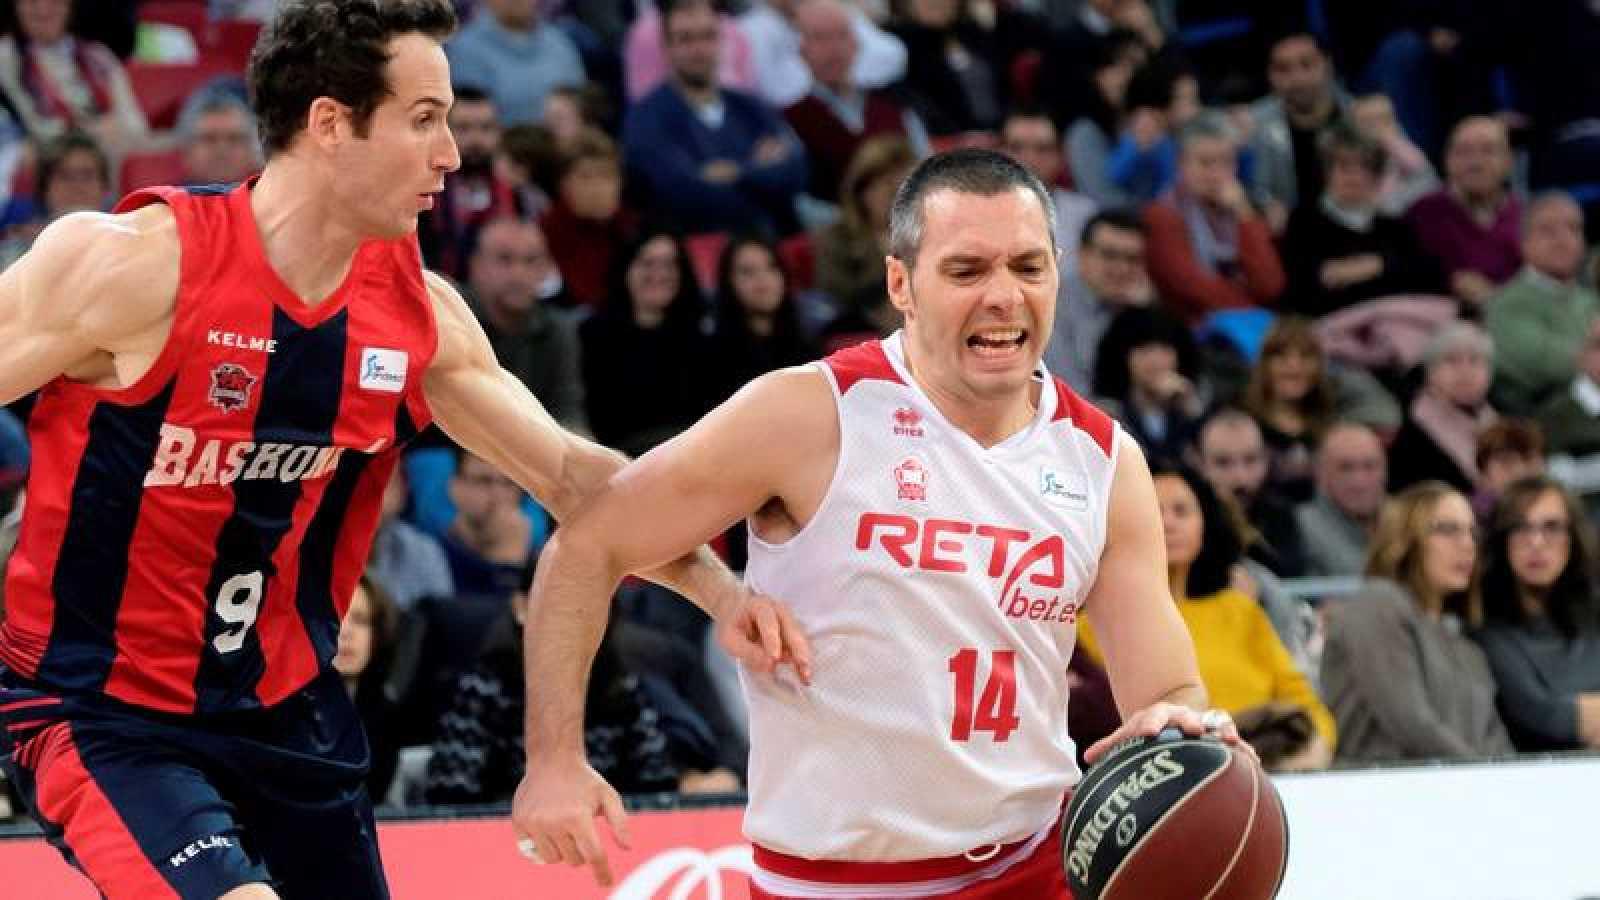 Baskonia vence a Bilbao Basket por 94-71